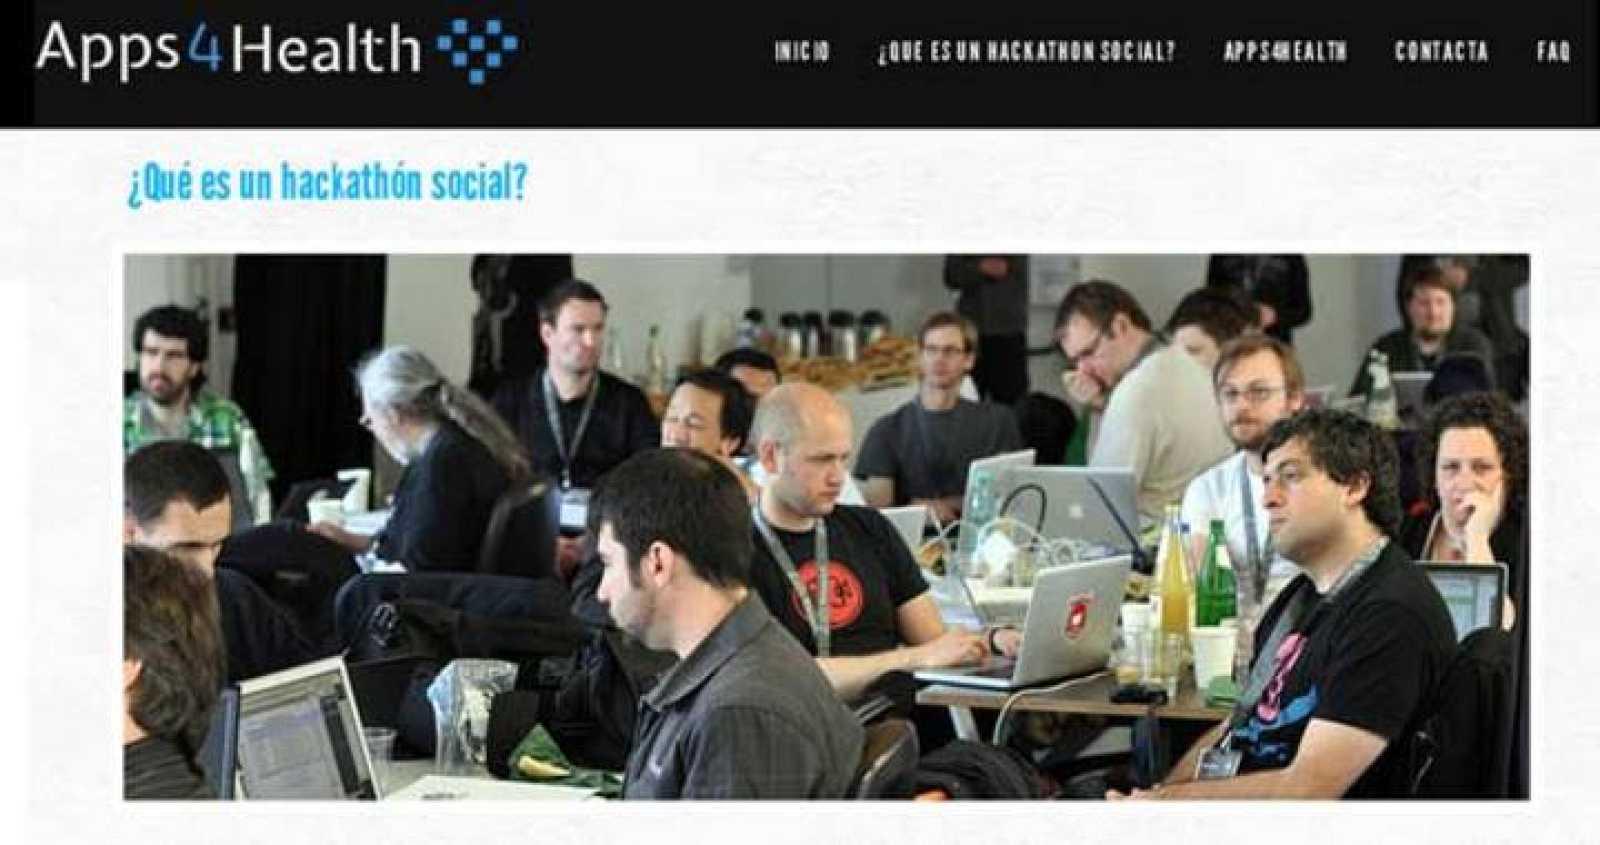 Anesvad reúne a 60 desarrolladores para diseñar aplicaciones para la salud con fines solidarios.